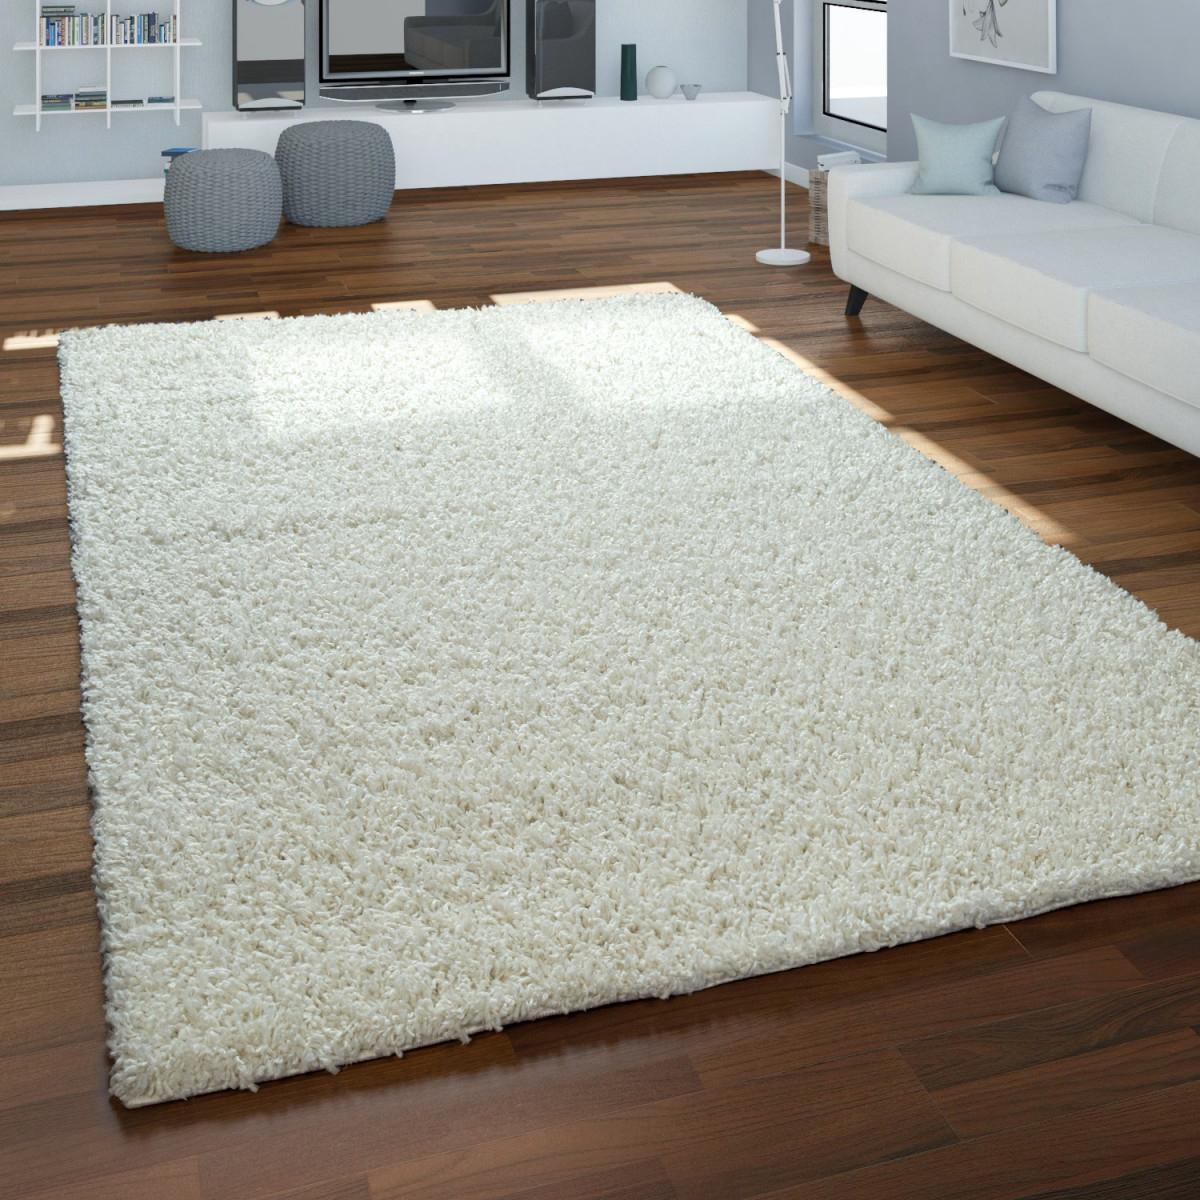 Hochflor Teppich Wohnzimmer Kuschelig Weich Shaggy Creme von Teppich Für Wohnzimmer Bild